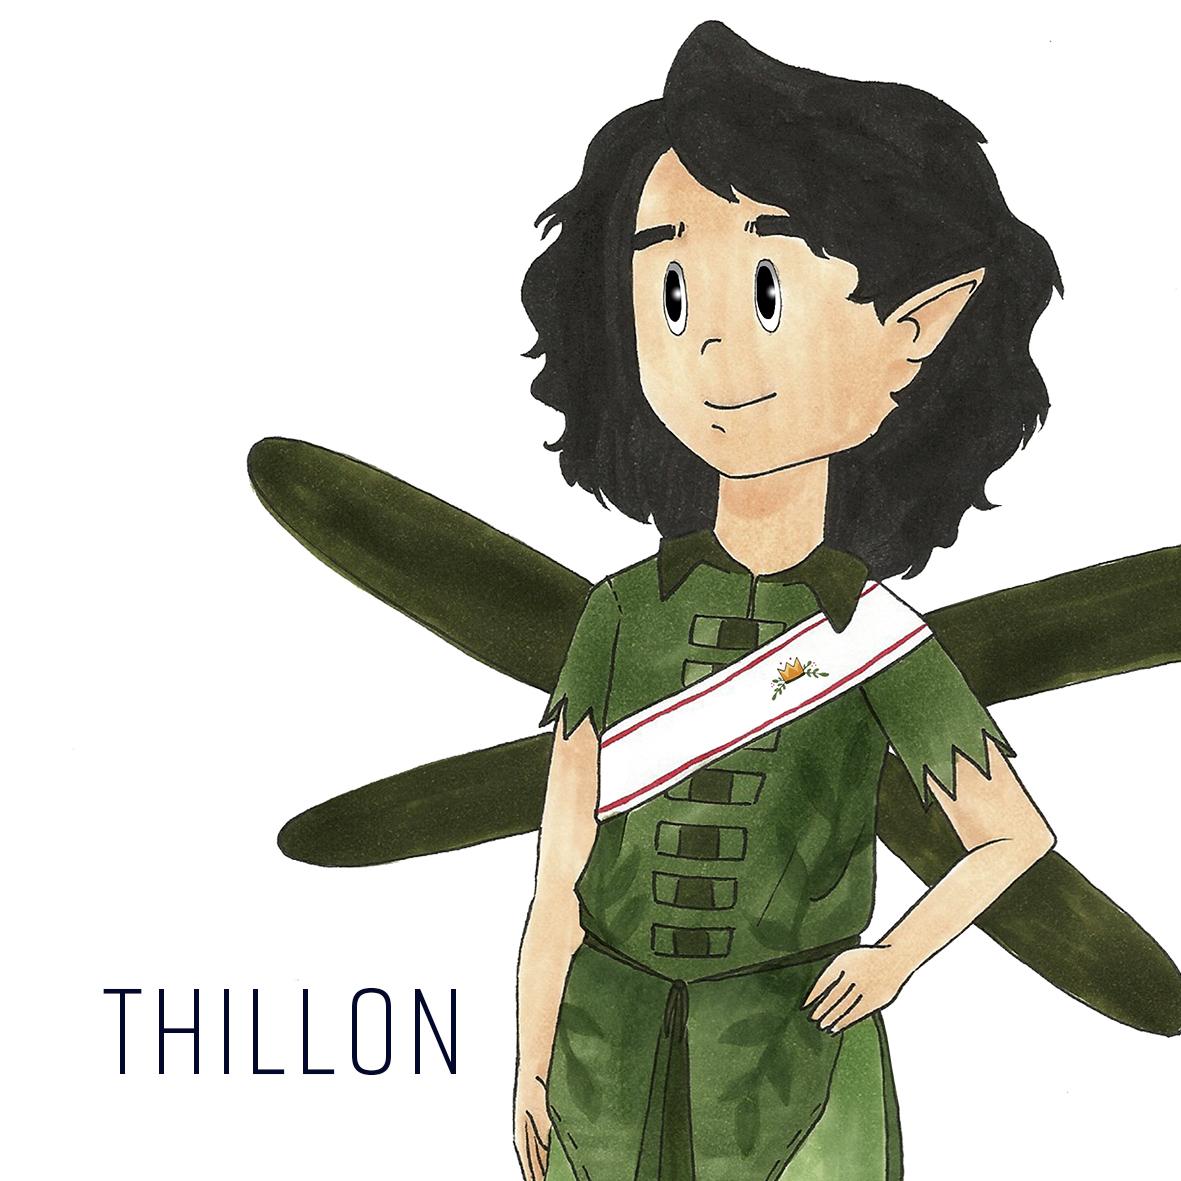 Thillon.jpg